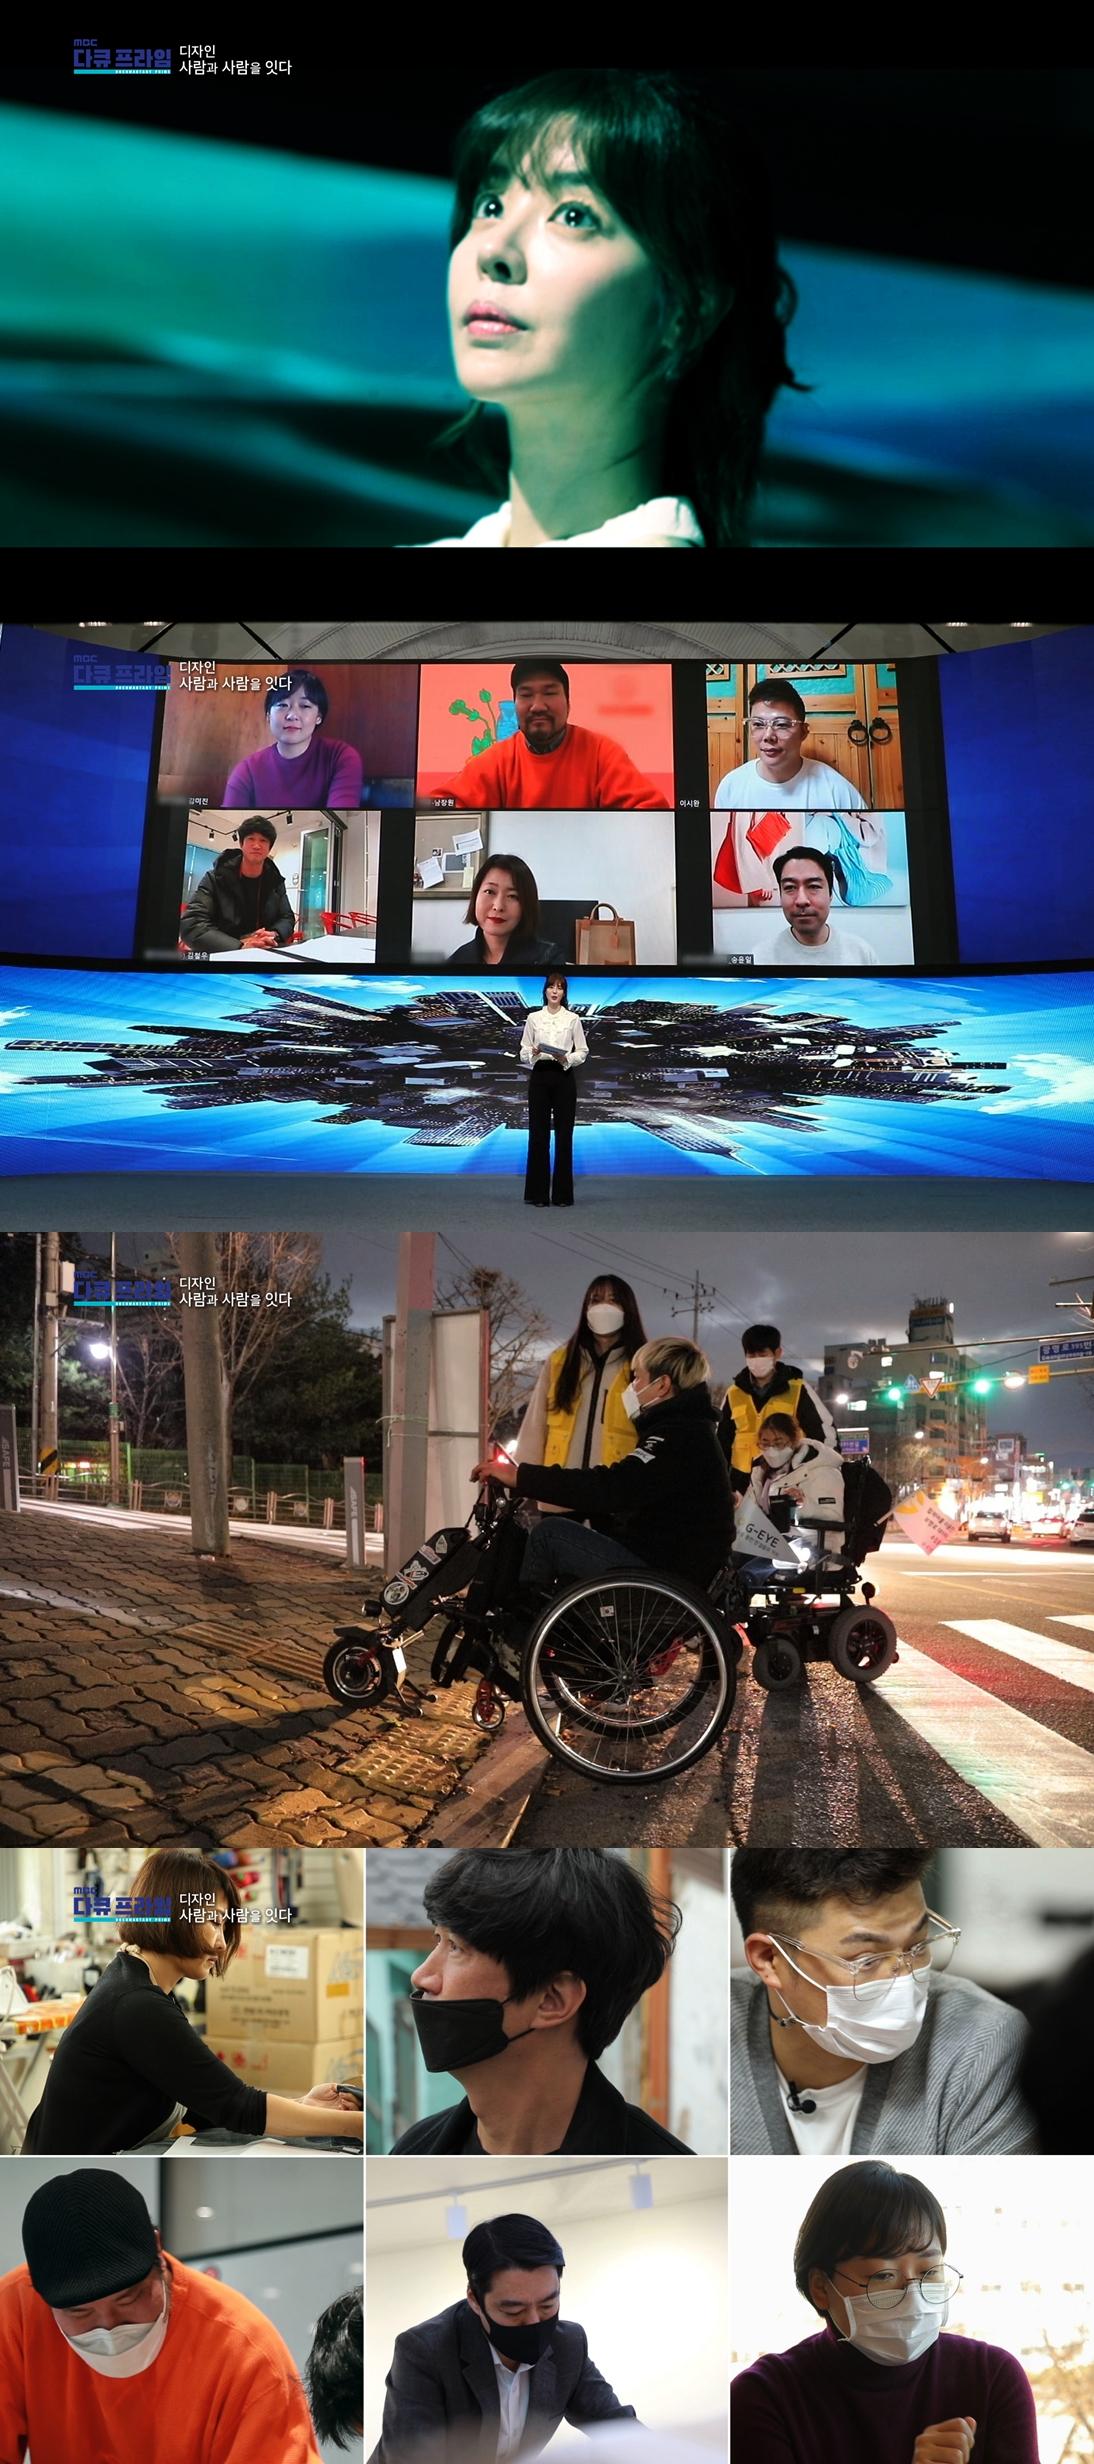 '다큐프라임' 디자인으로 삶의 질 높이는 사회적 기업 조명한다